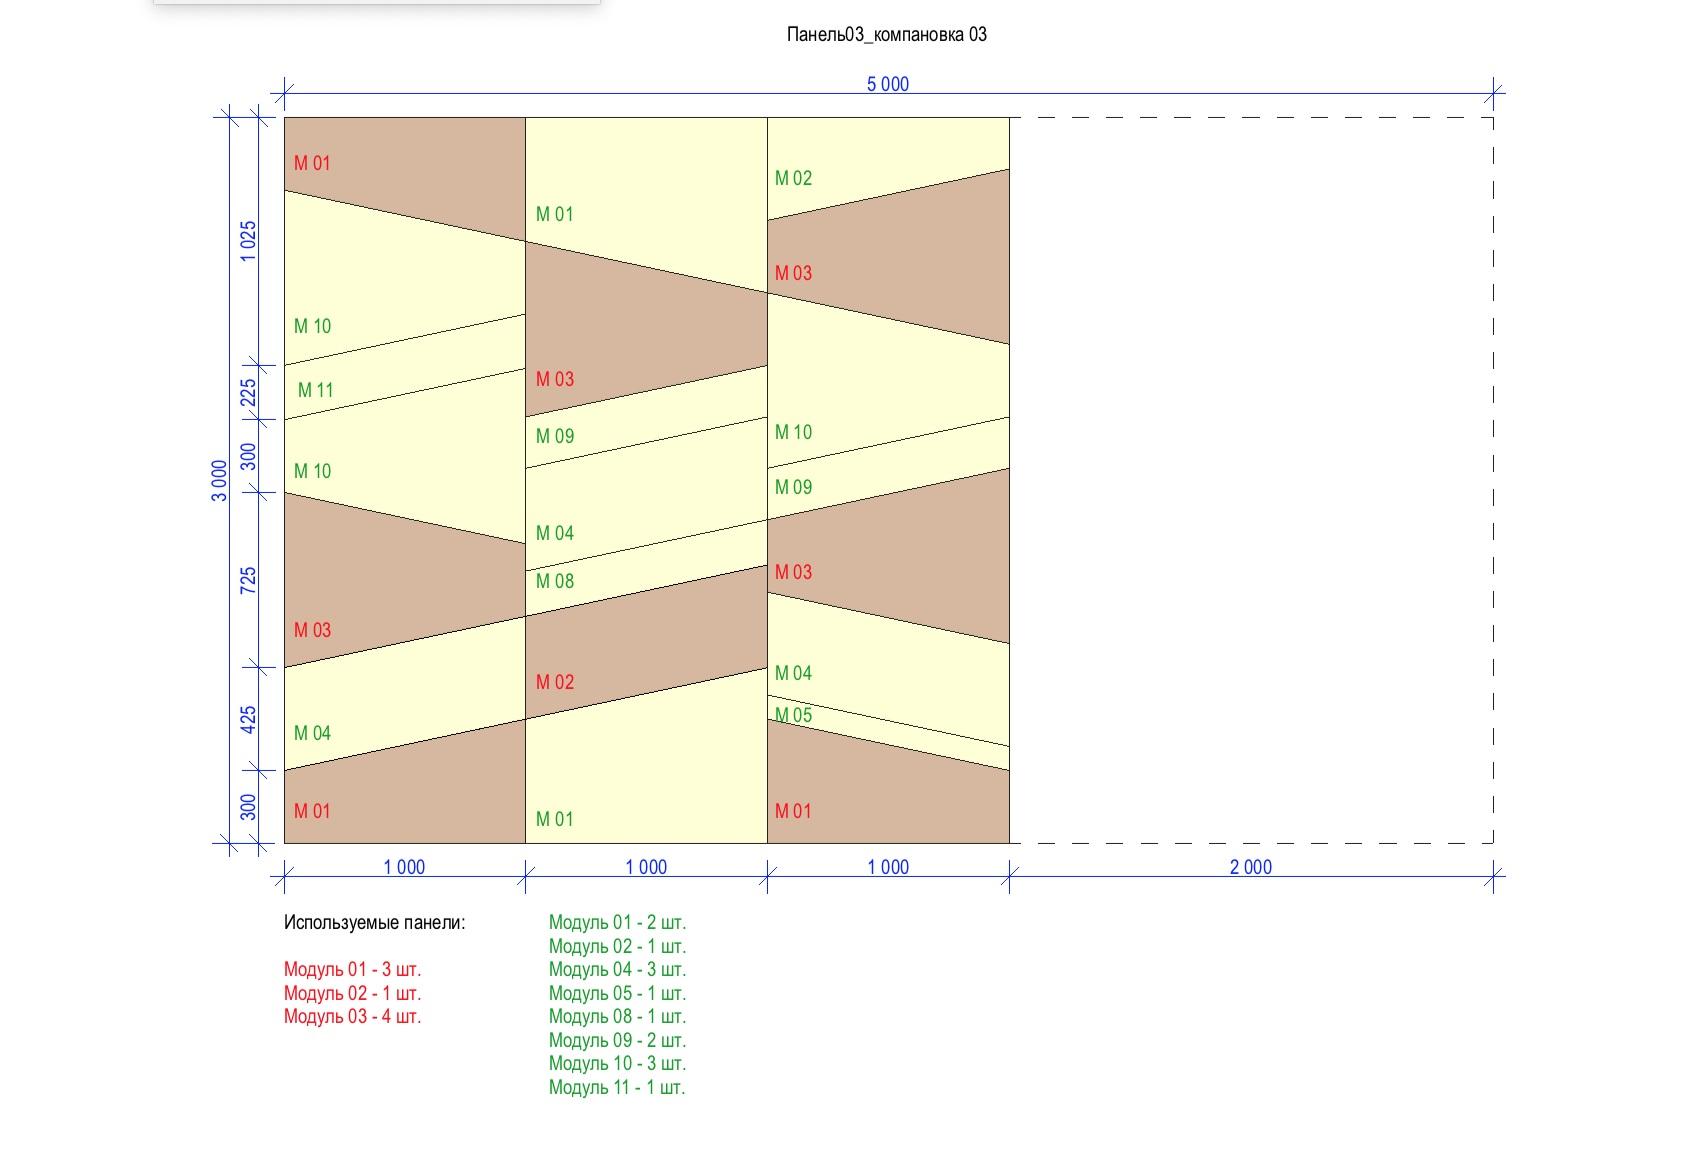 d86a7616-f15a-48b6-82fc-1d0e7a955d17.jpg